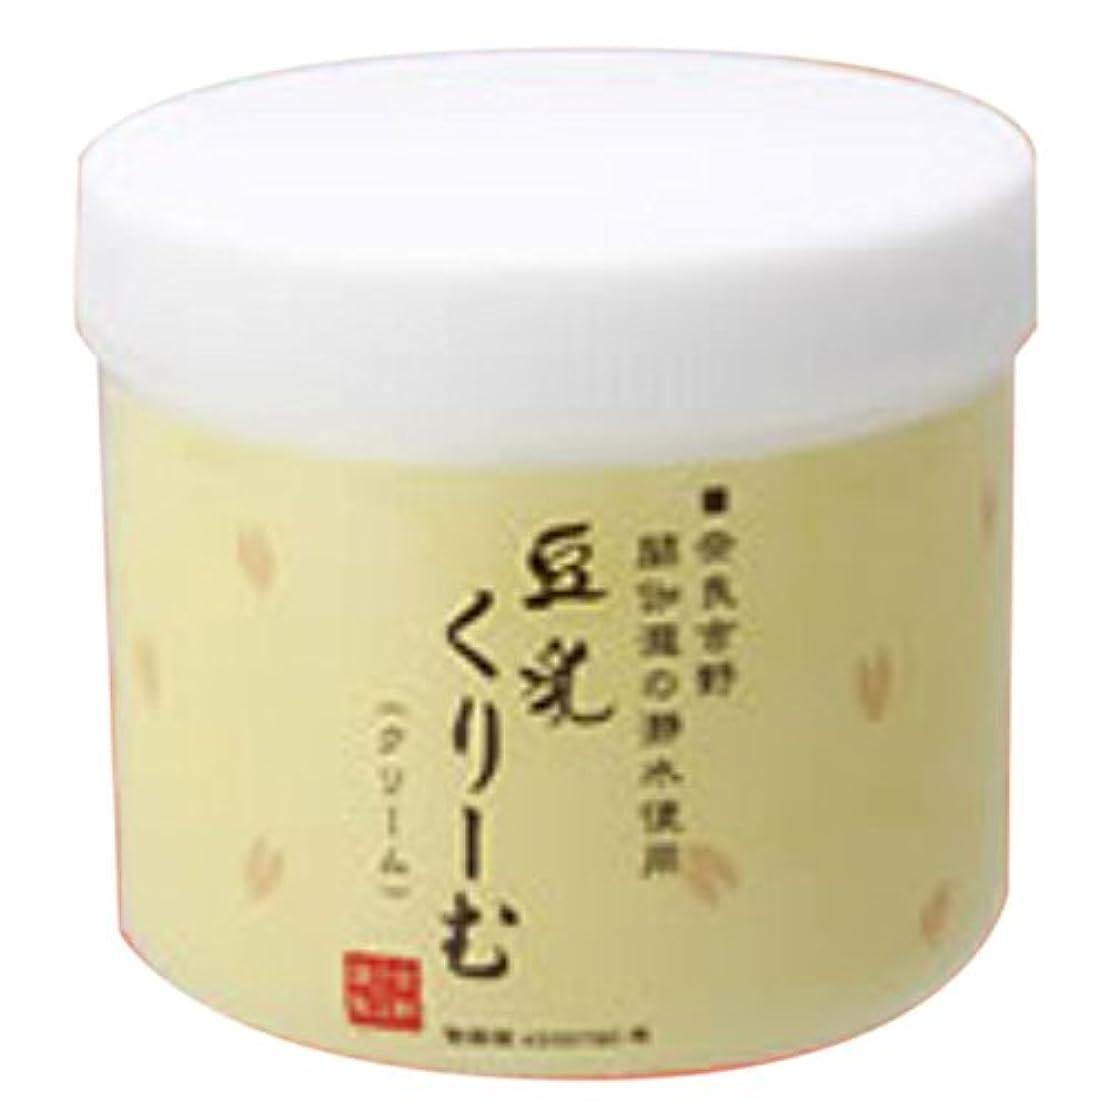 代表する明らかオーク吉野ふじや謹製 とうにゅうくりーむ (豆乳美容クリーム) 3個セット